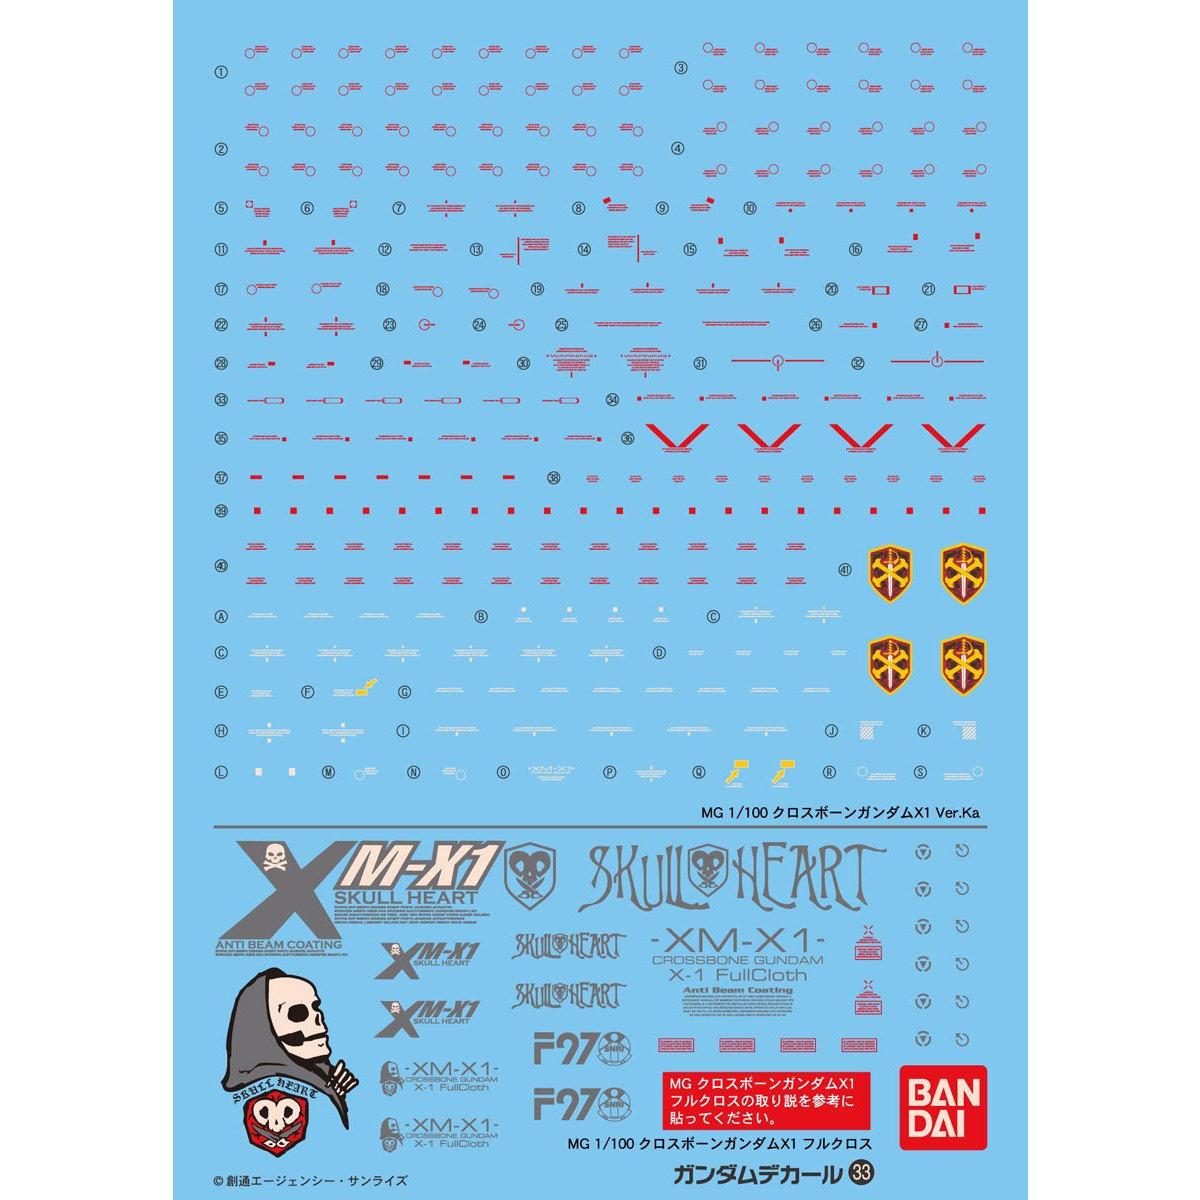 ガンダムデカール 1/100 MG XM-X1「クロスボーンガンダム X1(Ver.Ka)」用